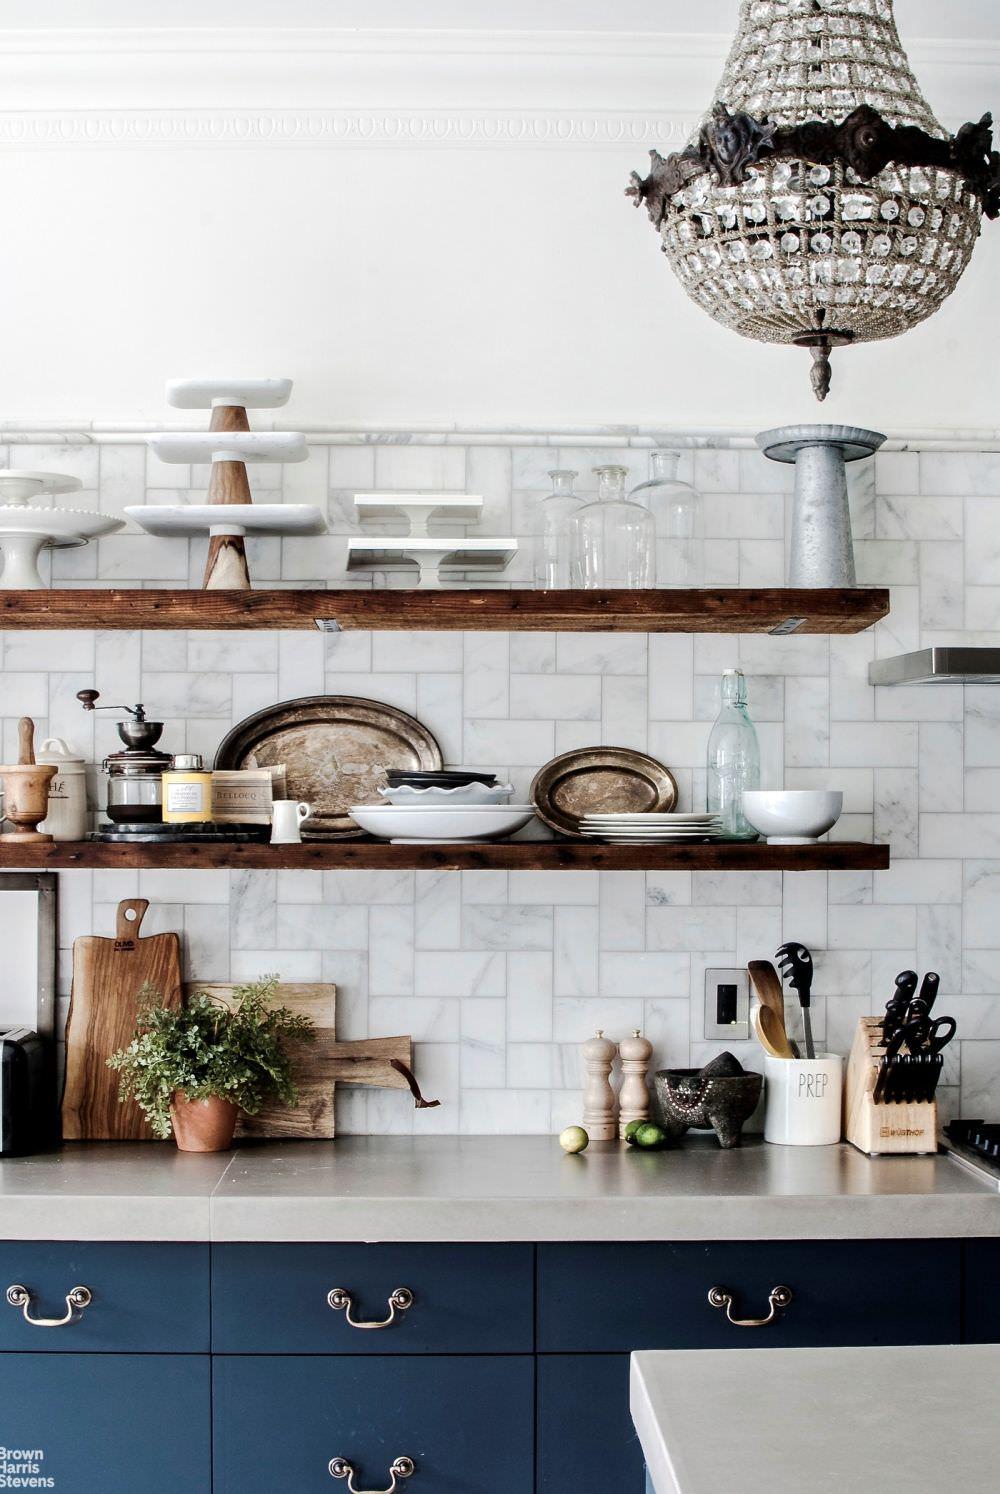 mutfak-acik-raf-modelleri açık mutfak raflarınızı nasıl düzenleyebilirsiniz - mutfak acik raf modelleri 8